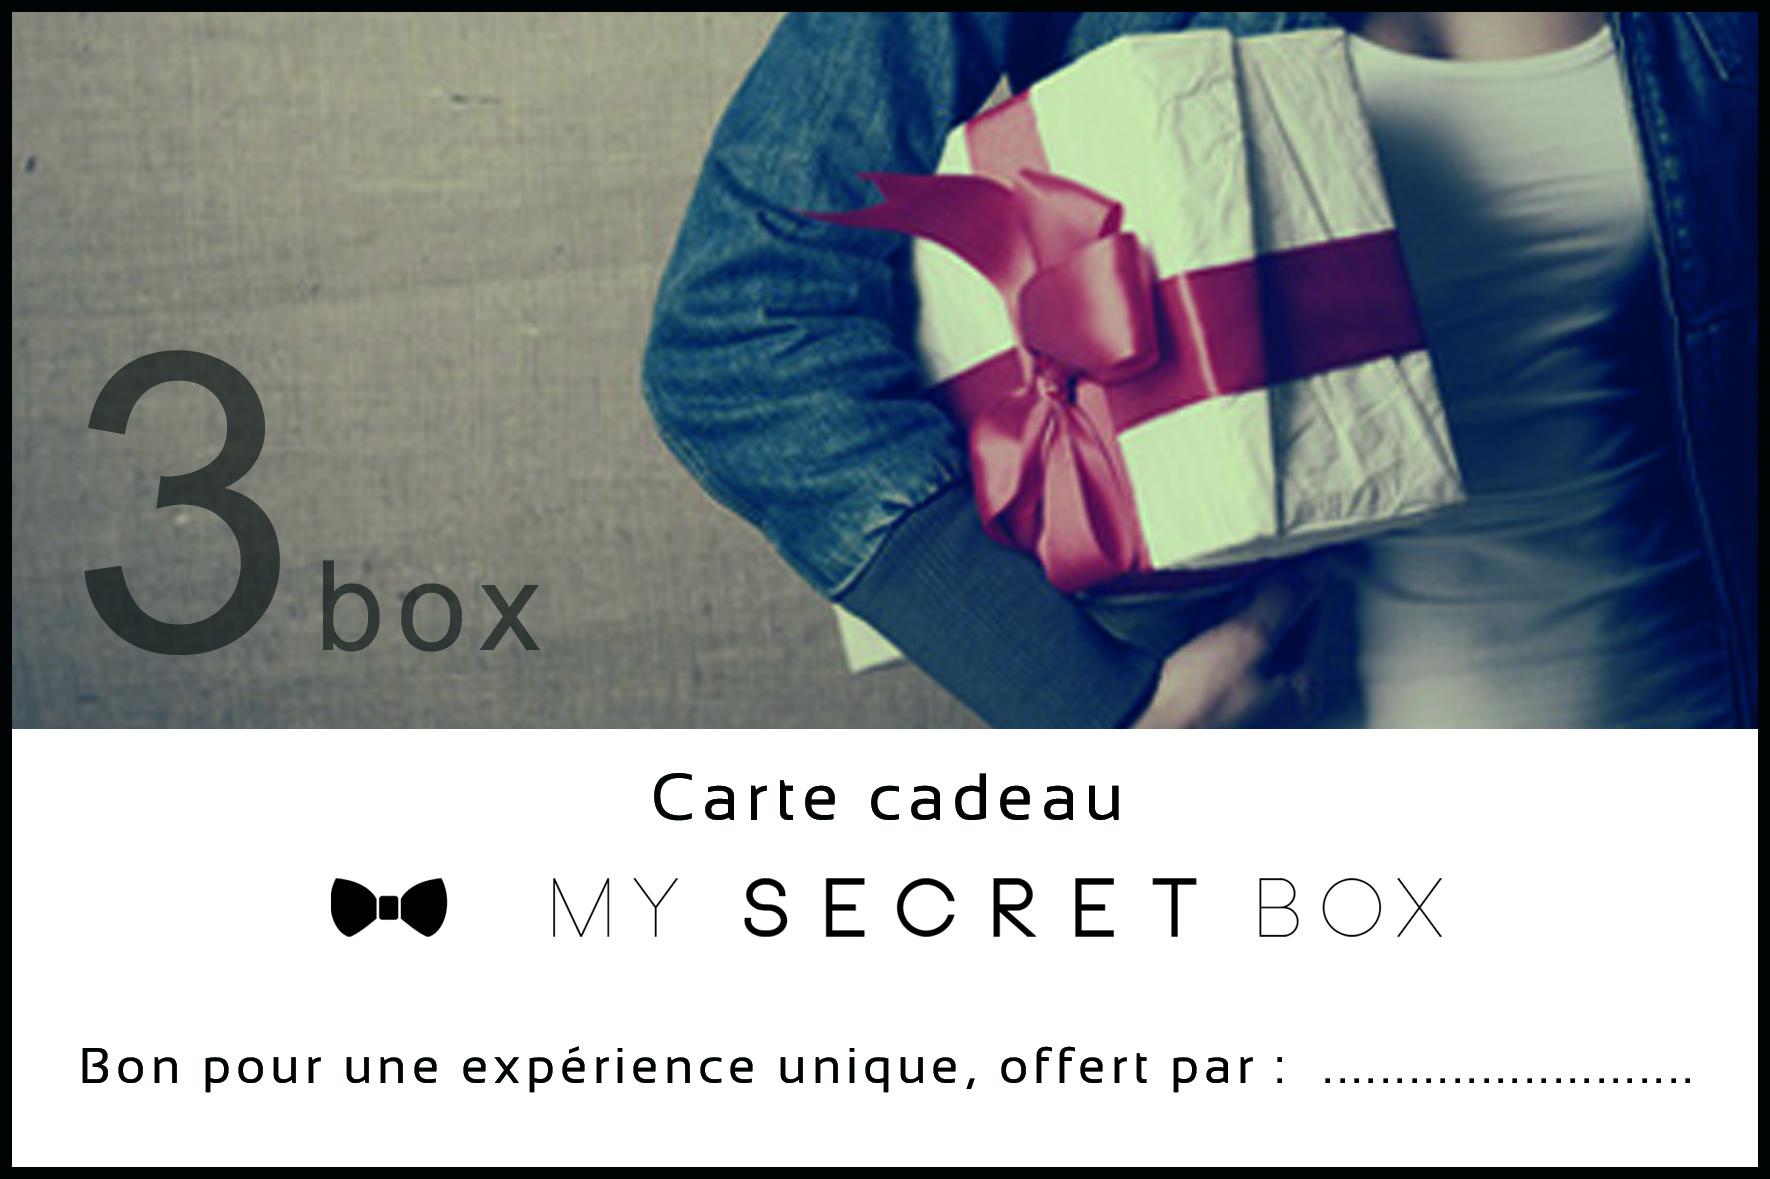 carte cadeau 6_box